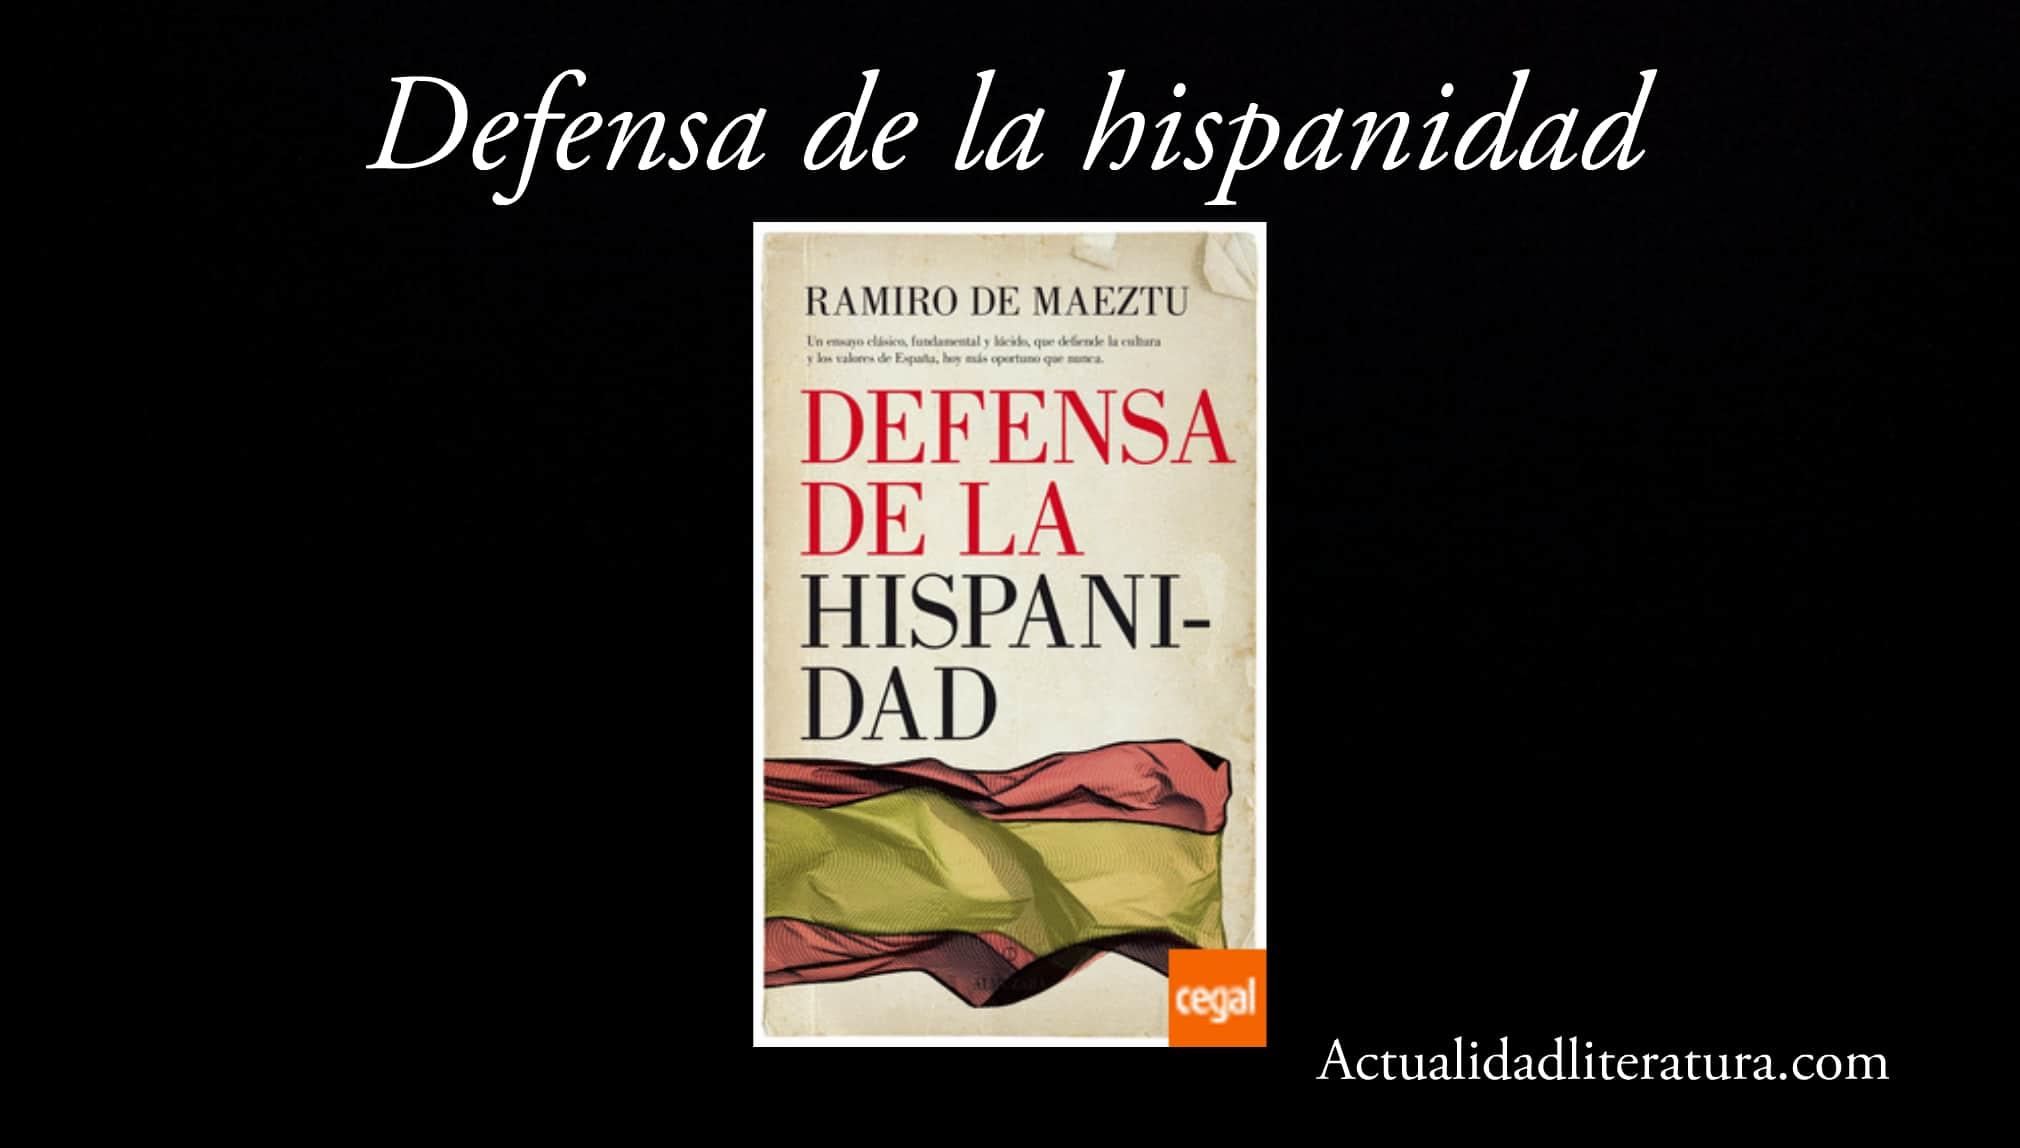 Defensa de la hispanidad.